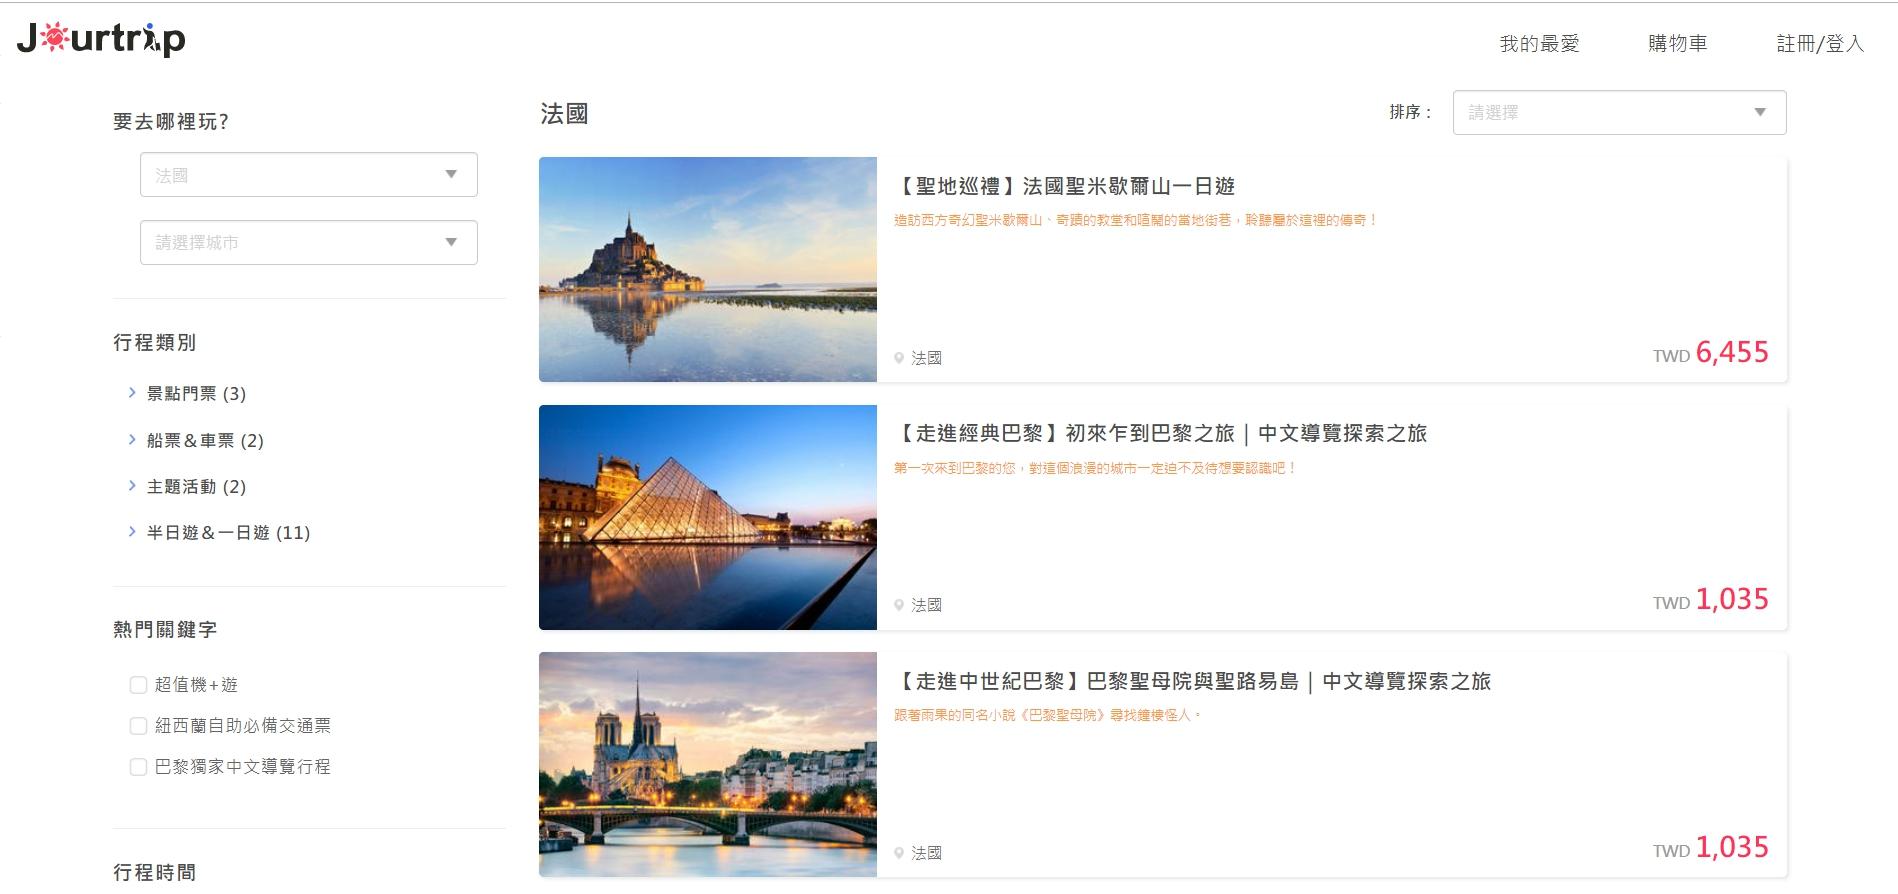 歐洲紐澳tour推薦|Jourtrip,導遊領隊強力認可的超強tour平台,中文地陪tour不用怕,這裡通通有!